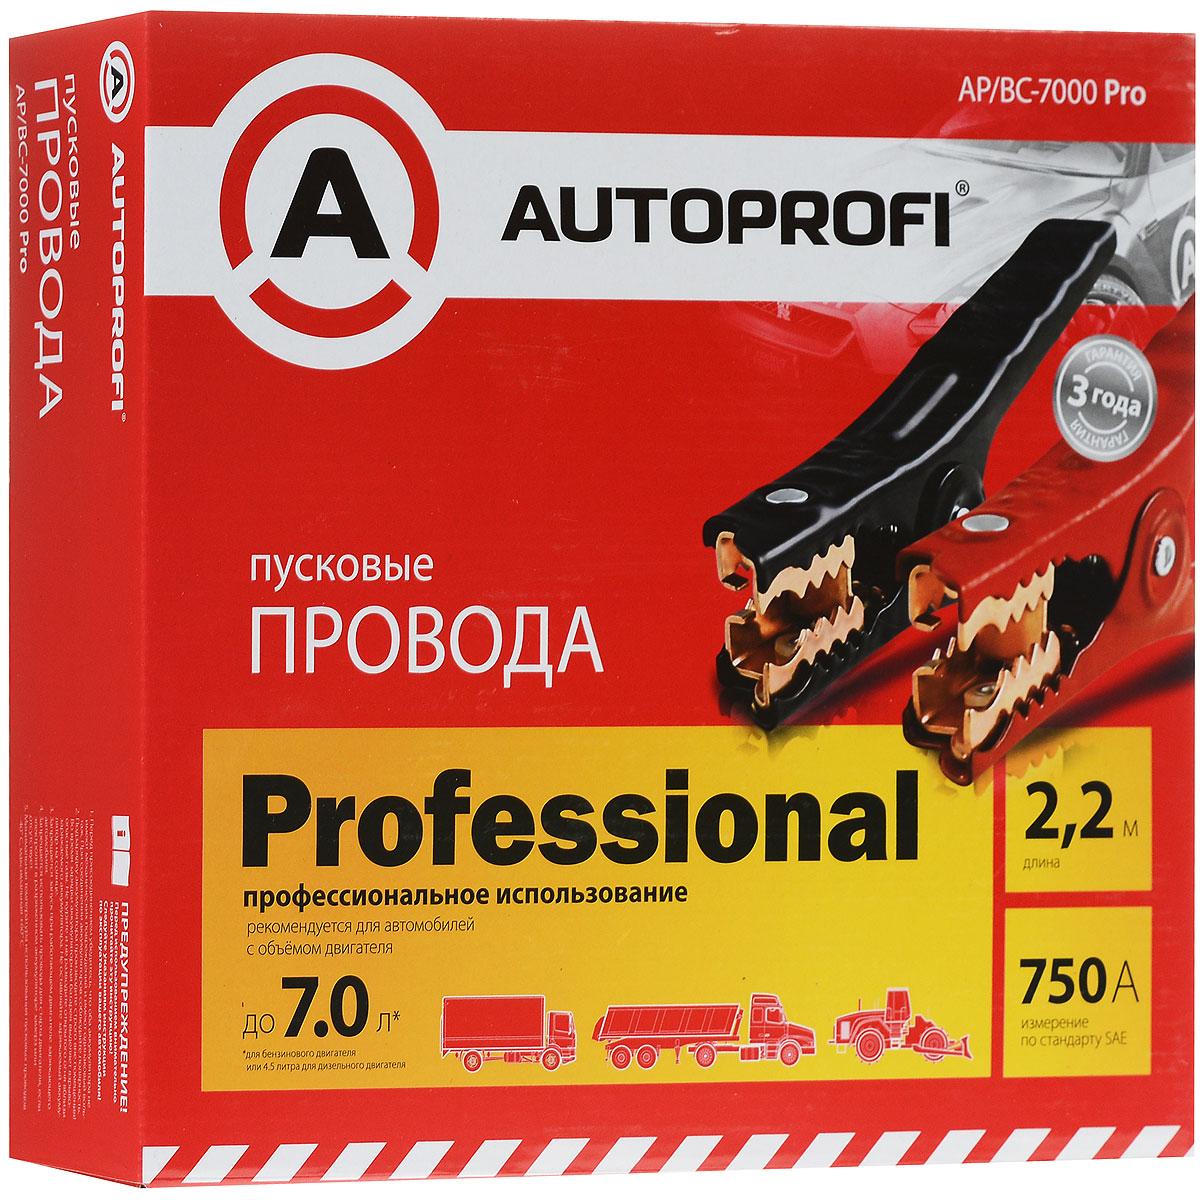 Провода пусковые Autoprofi Professional, 43 мм2, 750 A, 2,2 м а м б у газ 66 дизельным двигателем